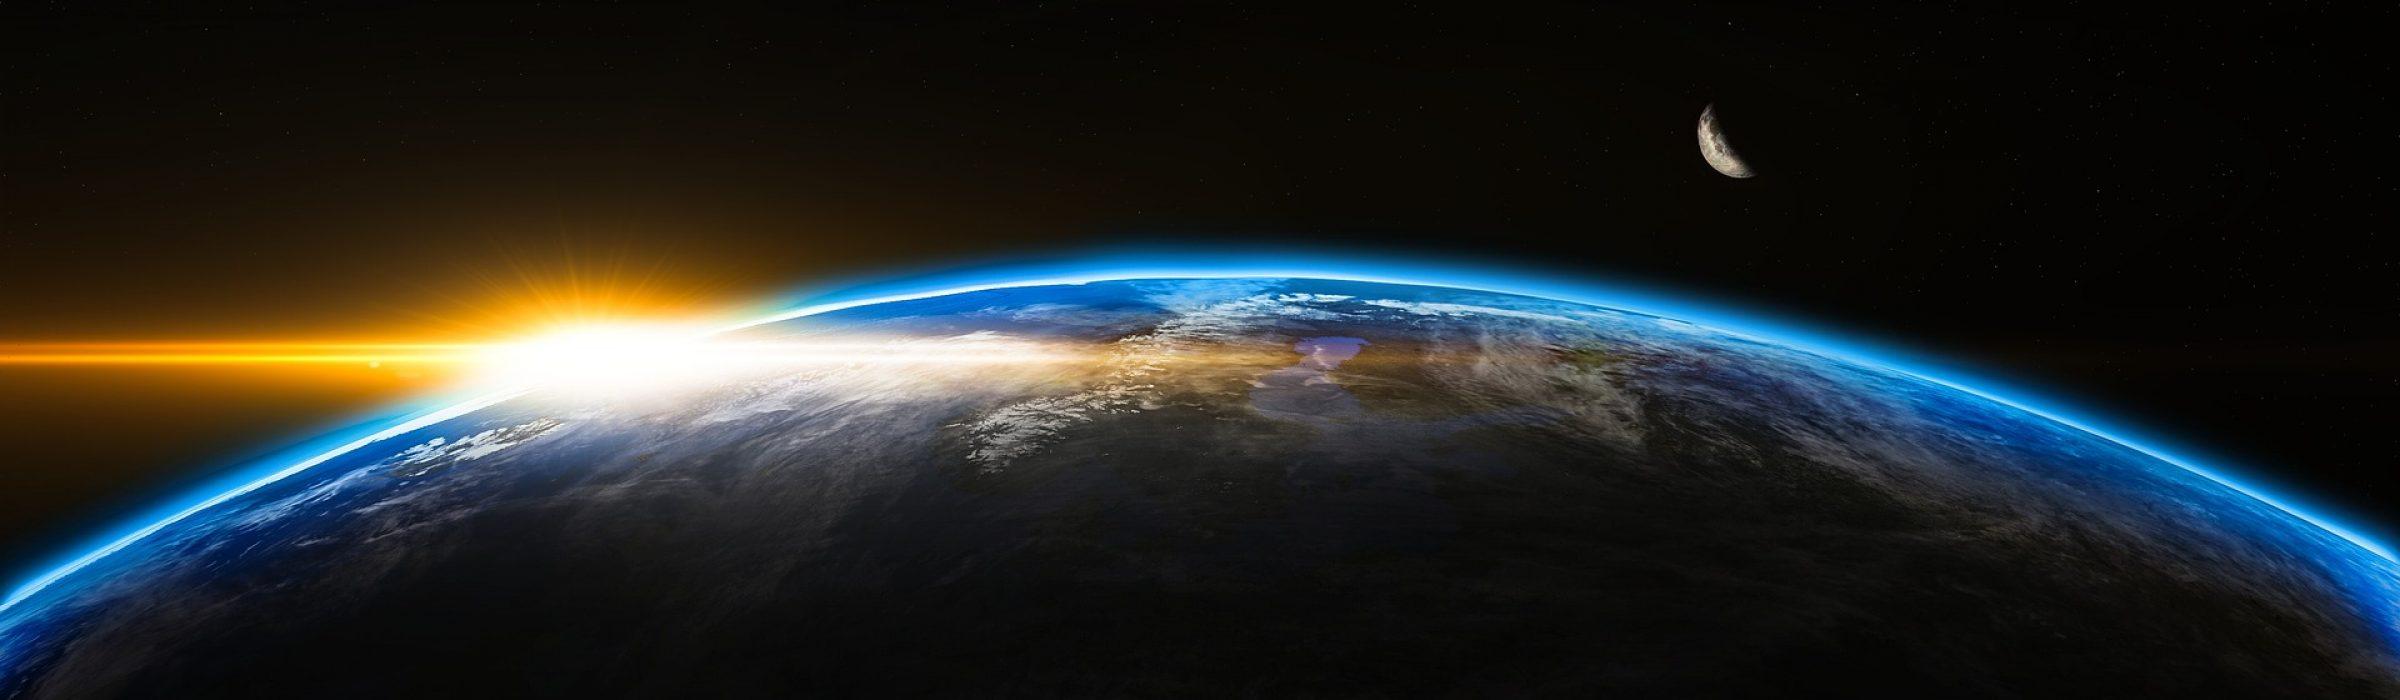 WorldWideWalk_Planet_Erde_header